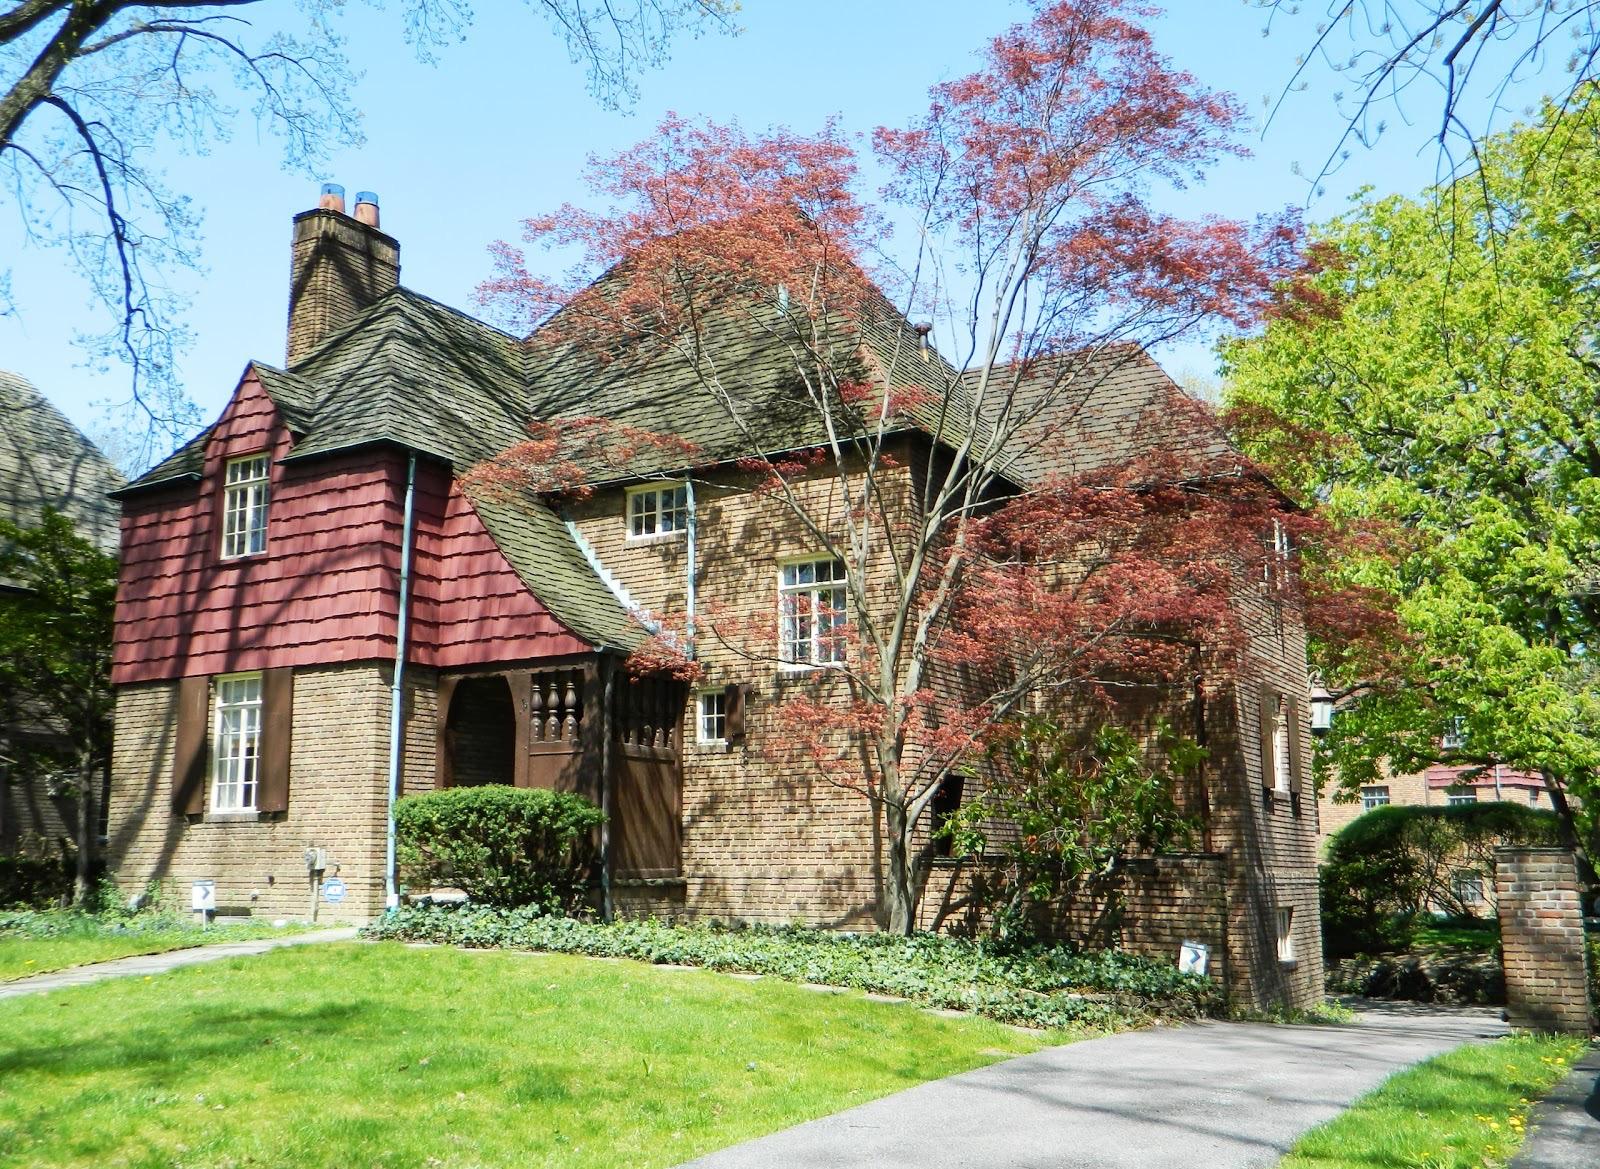 20130430091 E Cleveland Forest Hills 15657 Wyatt-1.jpg